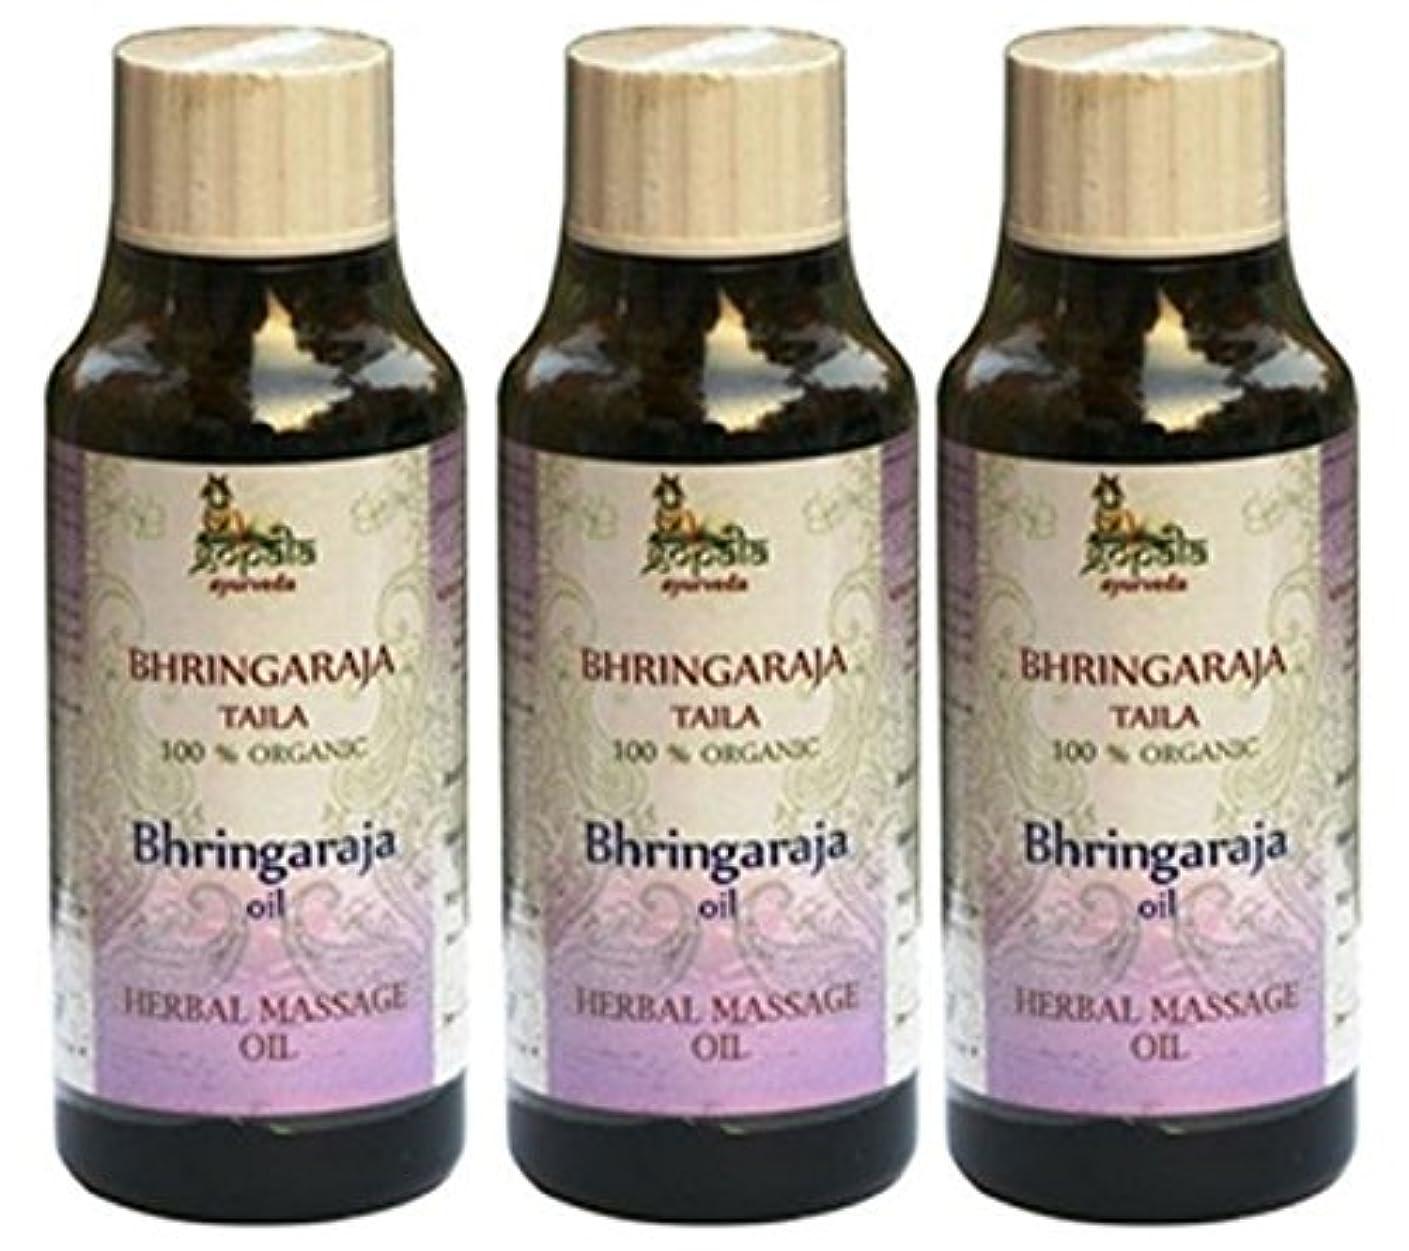 野心敬礼ポンペイBhringraja Oil - 100% USDA CERTIFIED ORGANIC - Ayurvedic Hair Massage Oil - 150ml (Pack of 3) - EXPEDITED DELIVERY